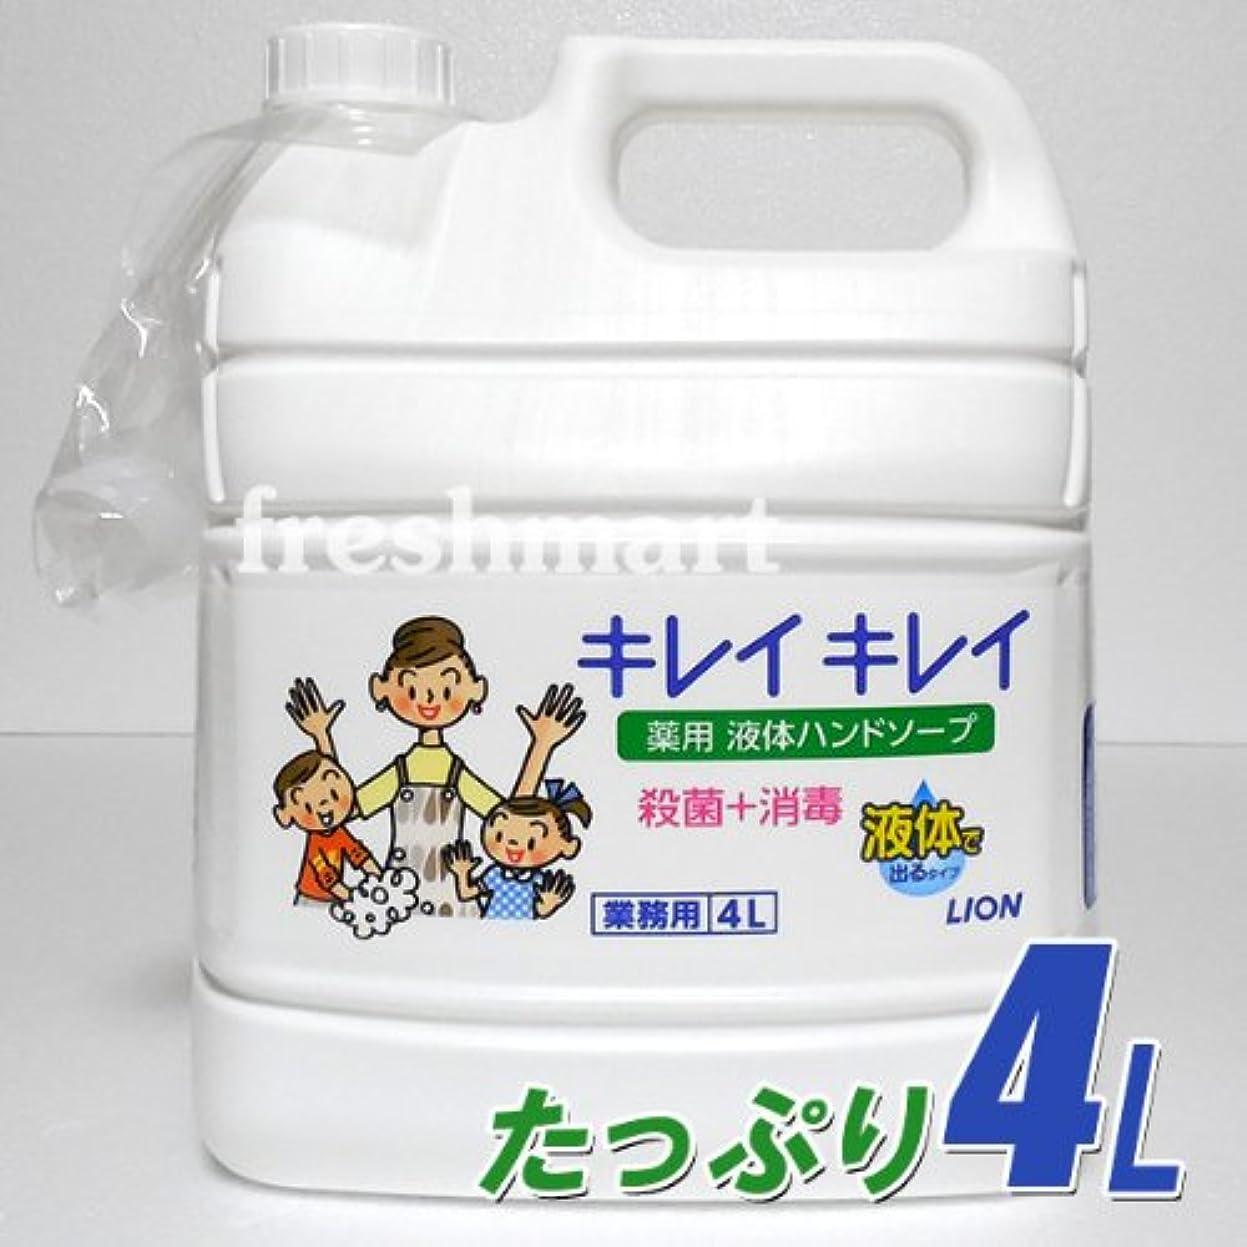 敏感なアクロバット永続☆100%植物性洗浄成分使用☆ ライオン キレイキレイ 薬用液体ハンドソープ つめかえ用4L 業務用 大容量 ボトル